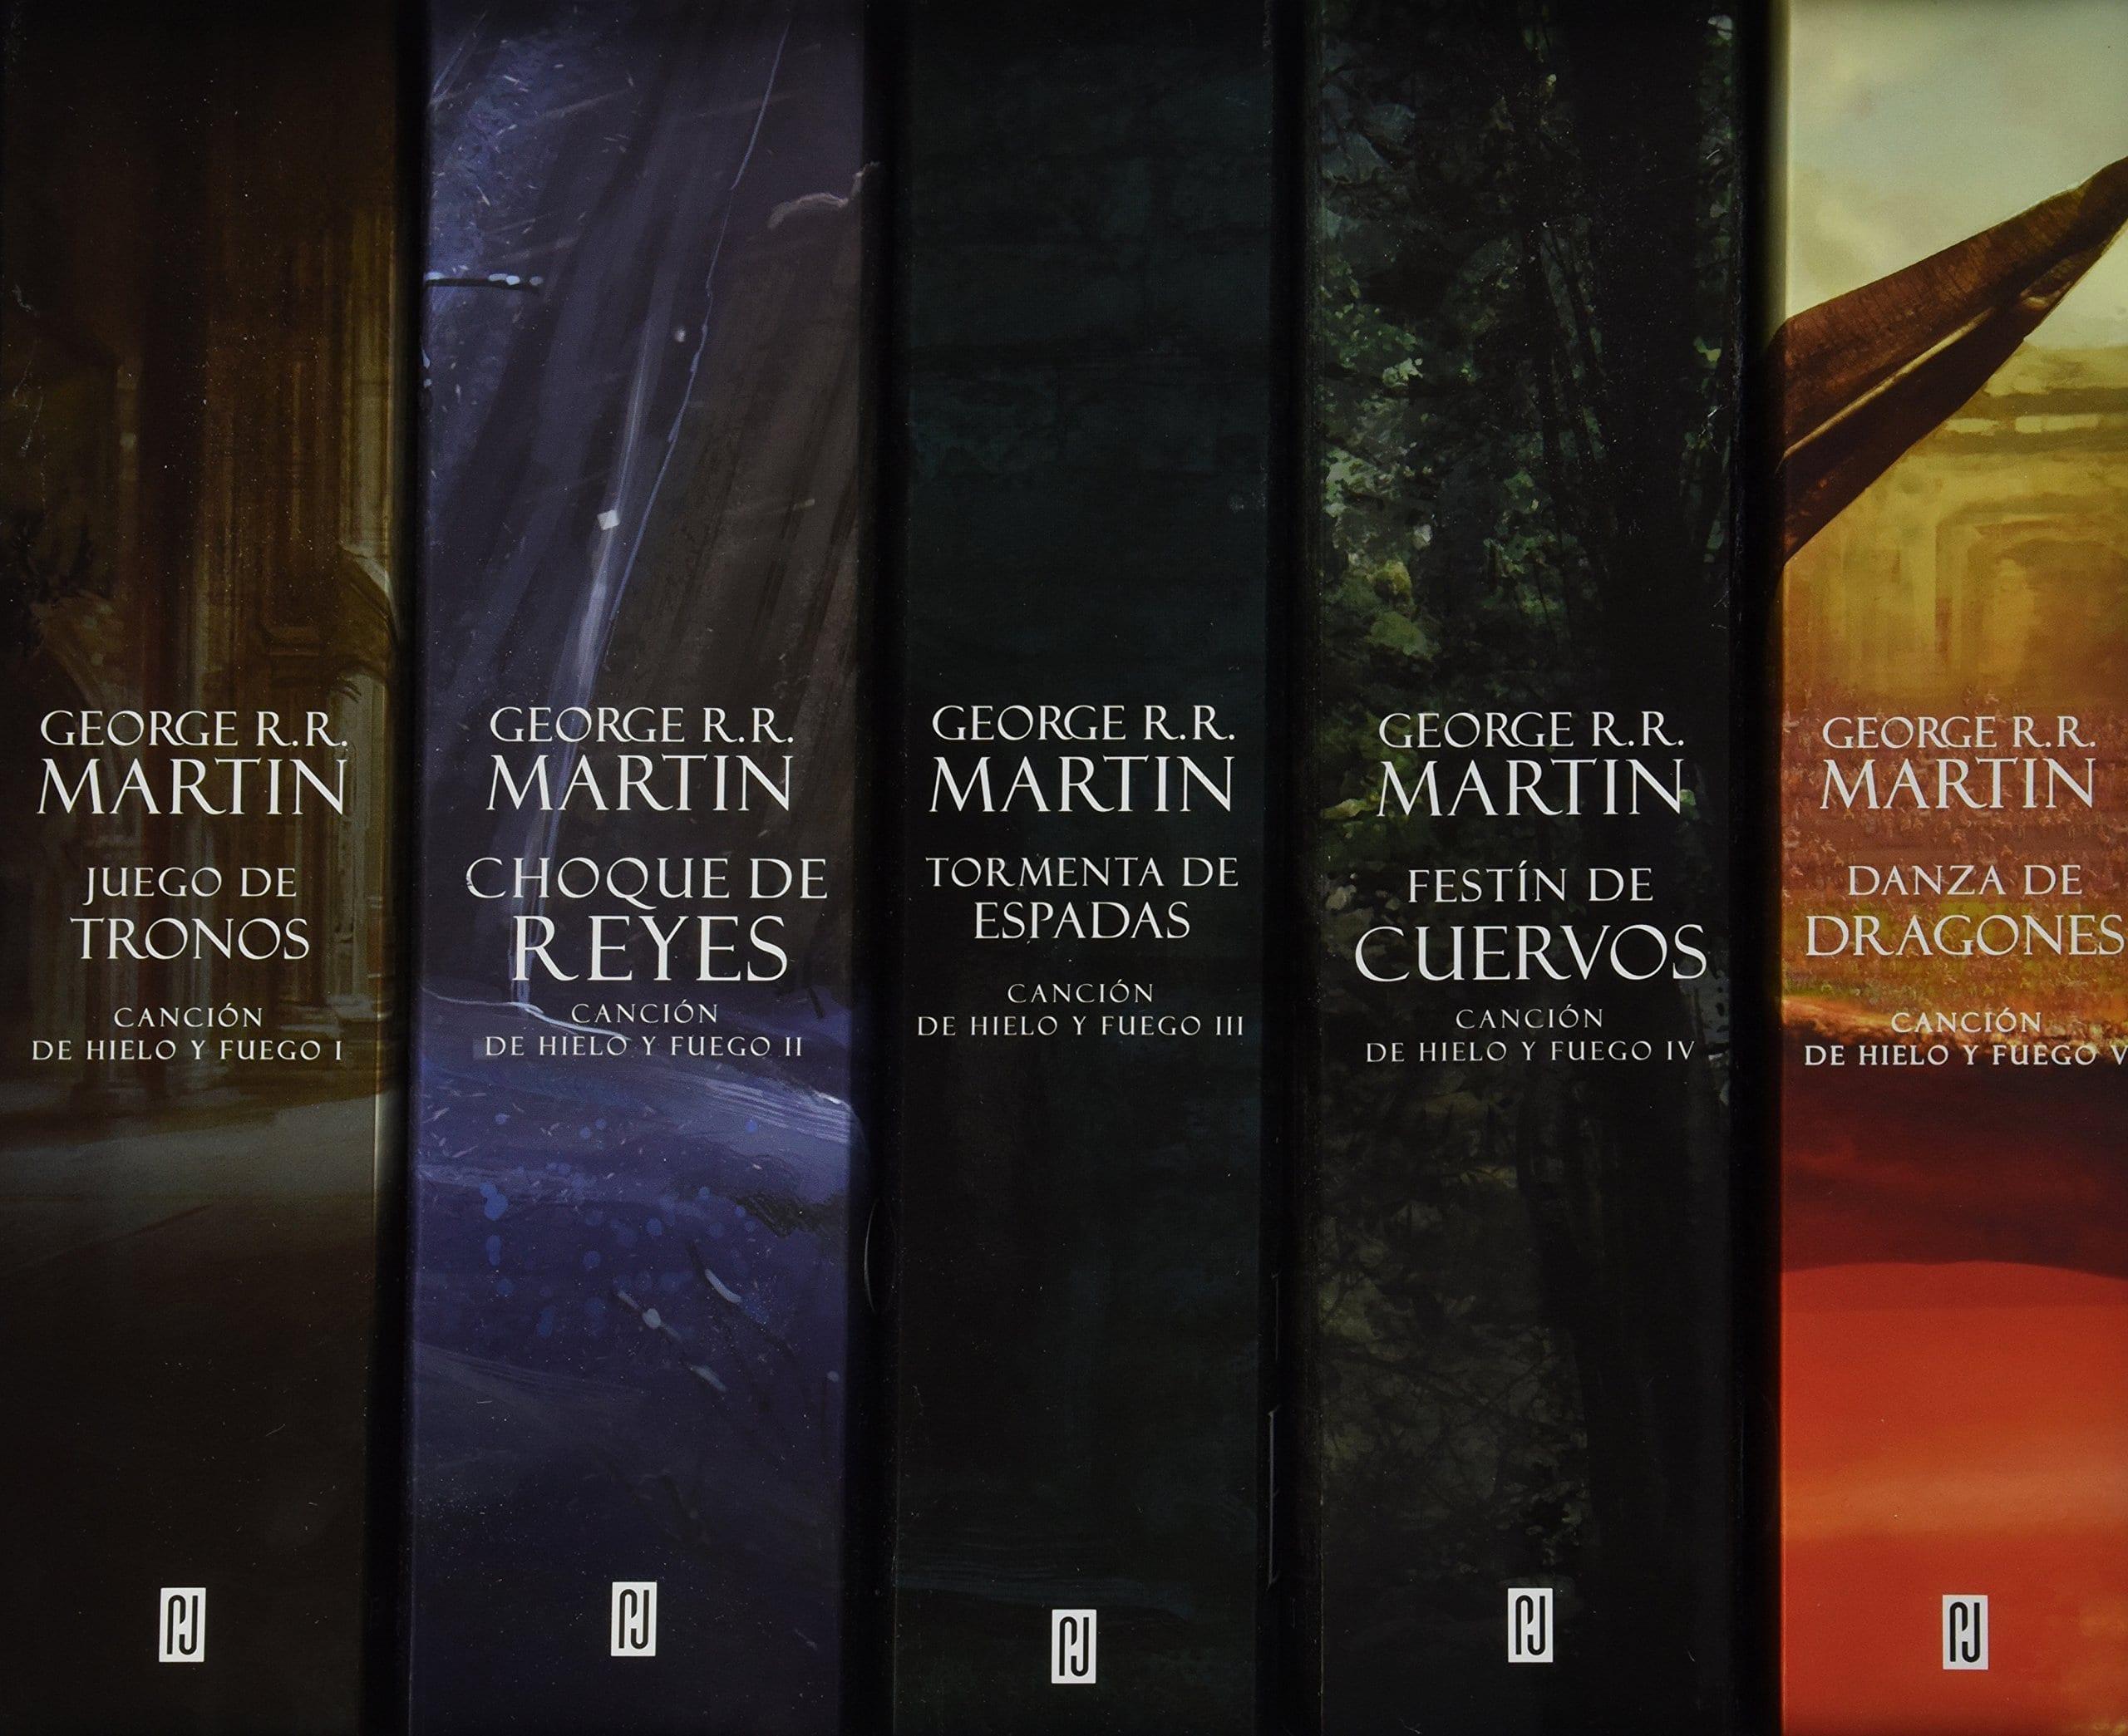 Libros de Juego de Tronos.